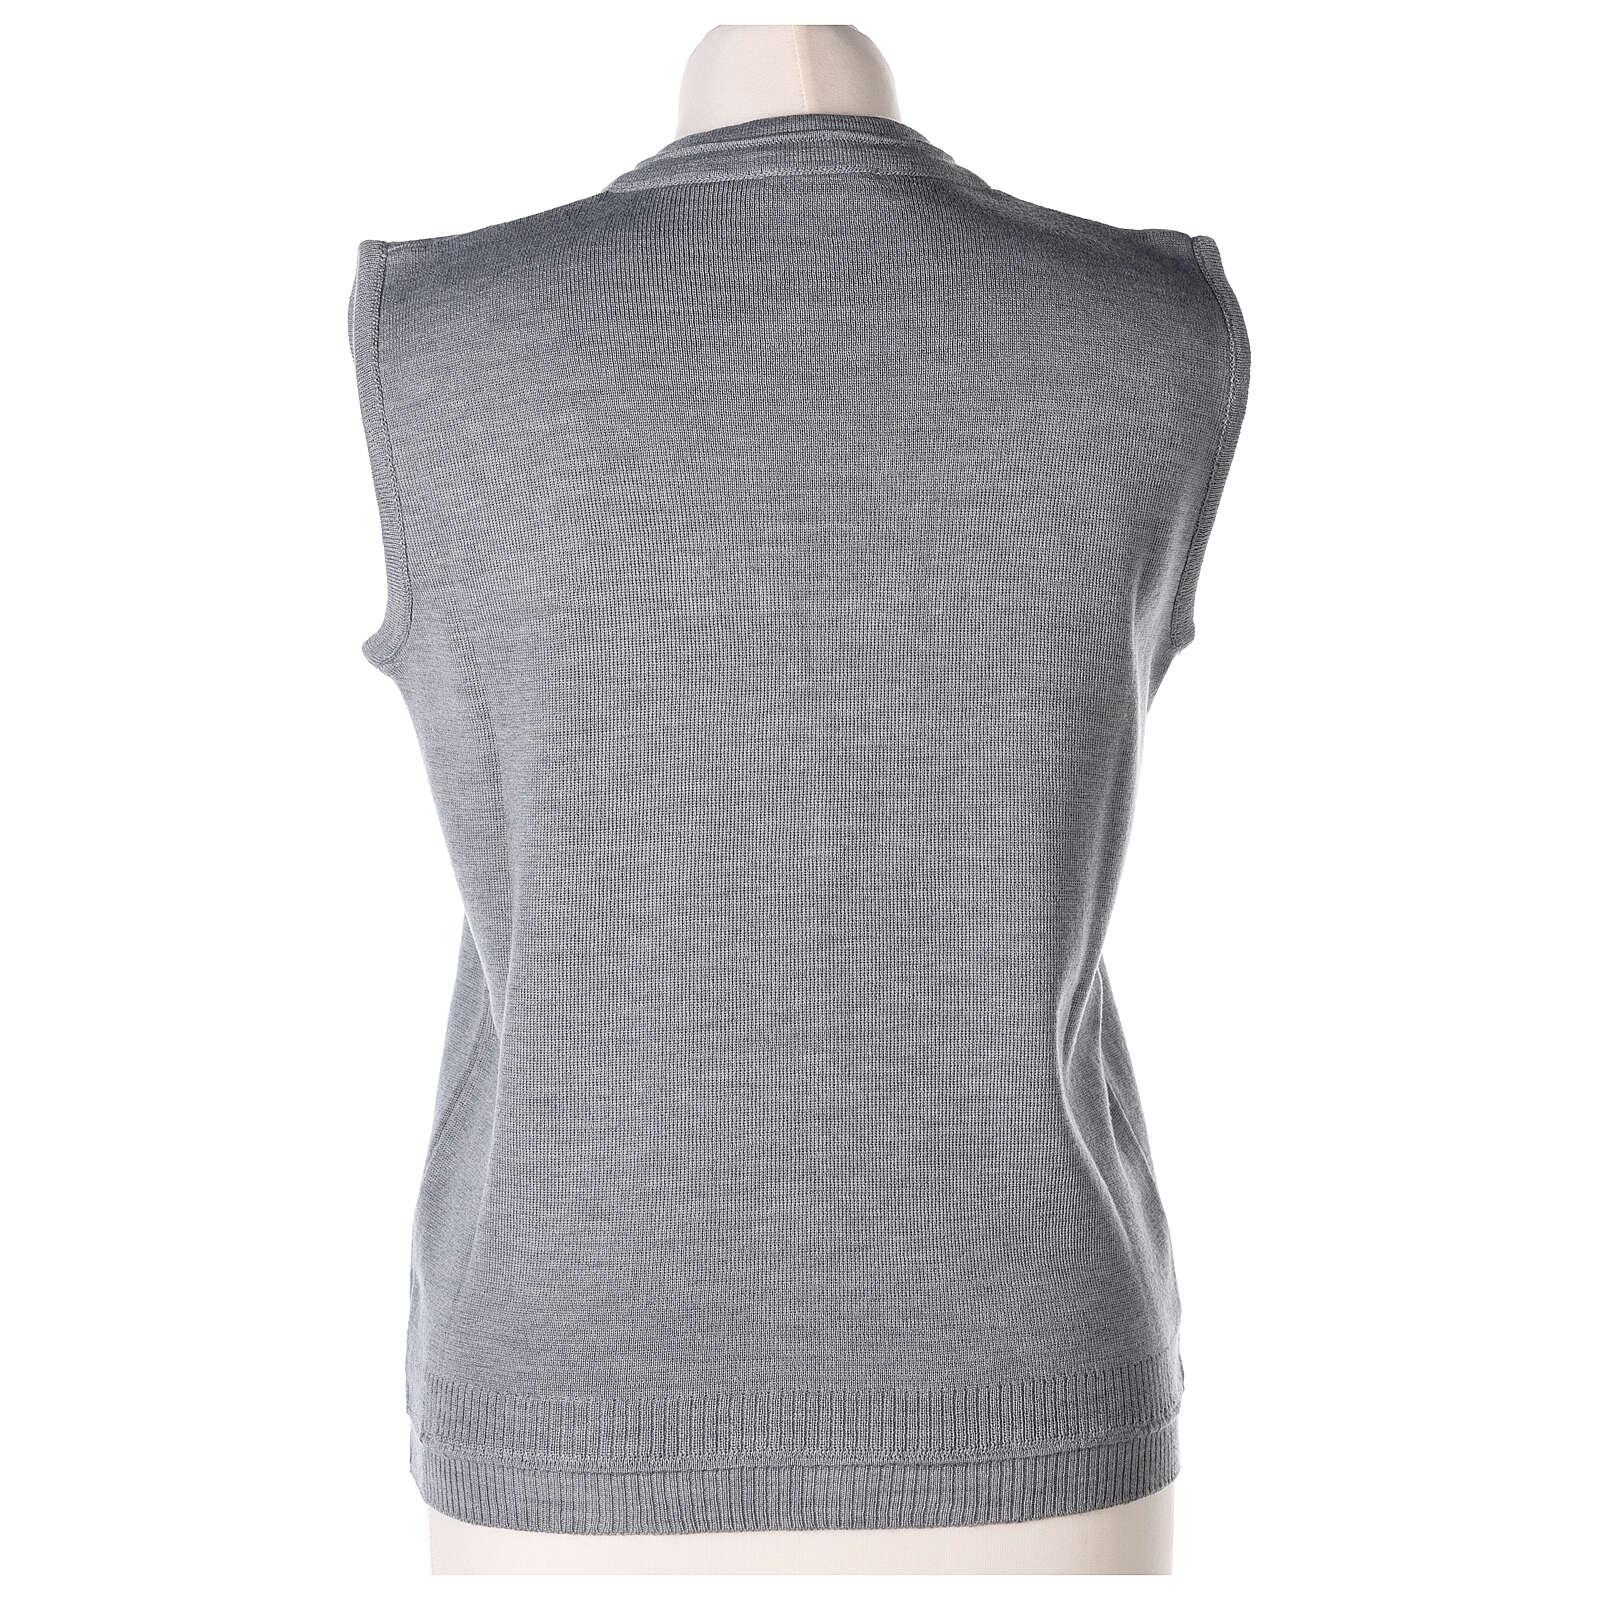 Gilet gris perle court col en V 50% acrylique 50% laine mérinos pour soeur In Primis 4